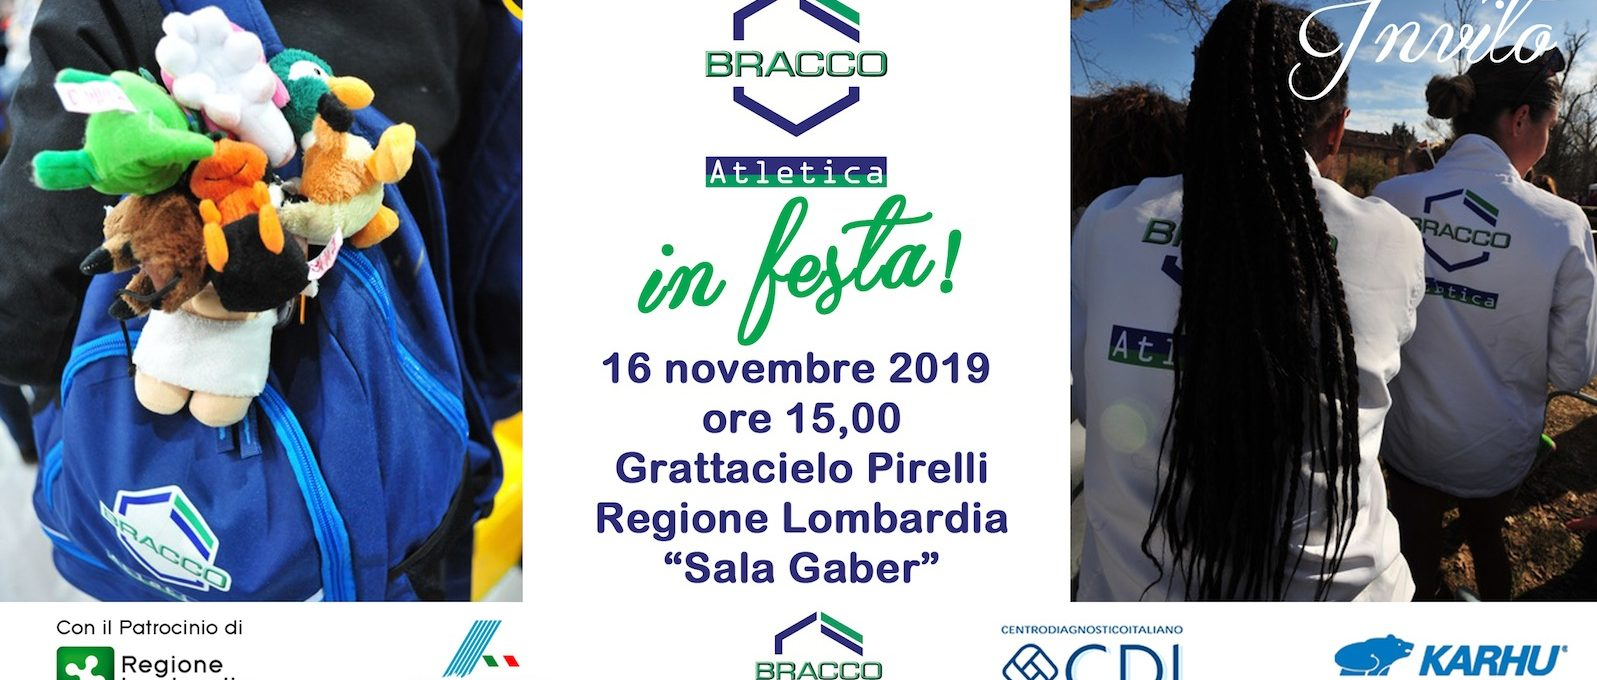 INVITO FESTA 1597x680 - BRACCO ATLETICA IN FESTA!